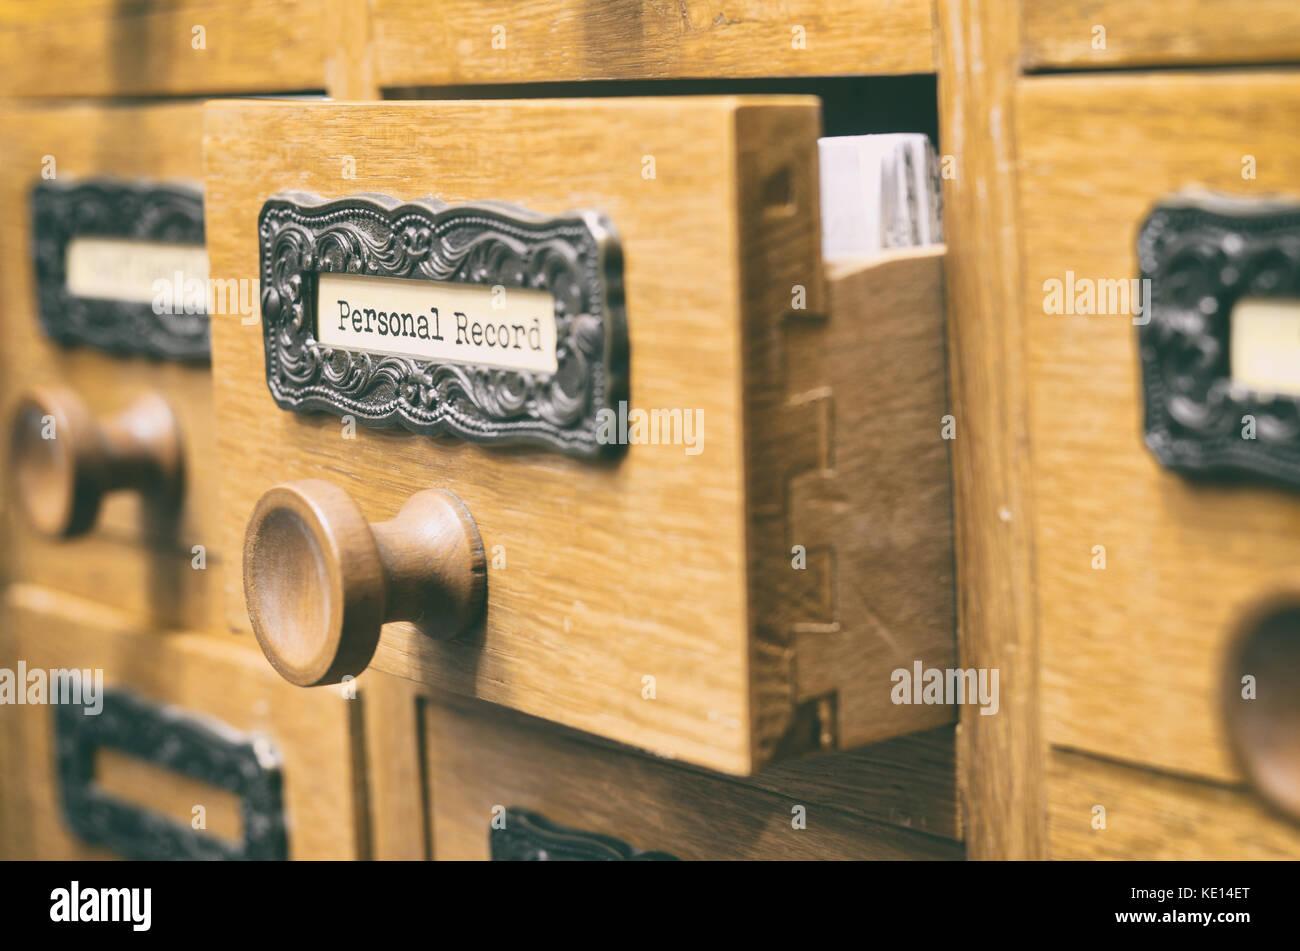 c759caa23 Los archivos de catálogo de tarjeta